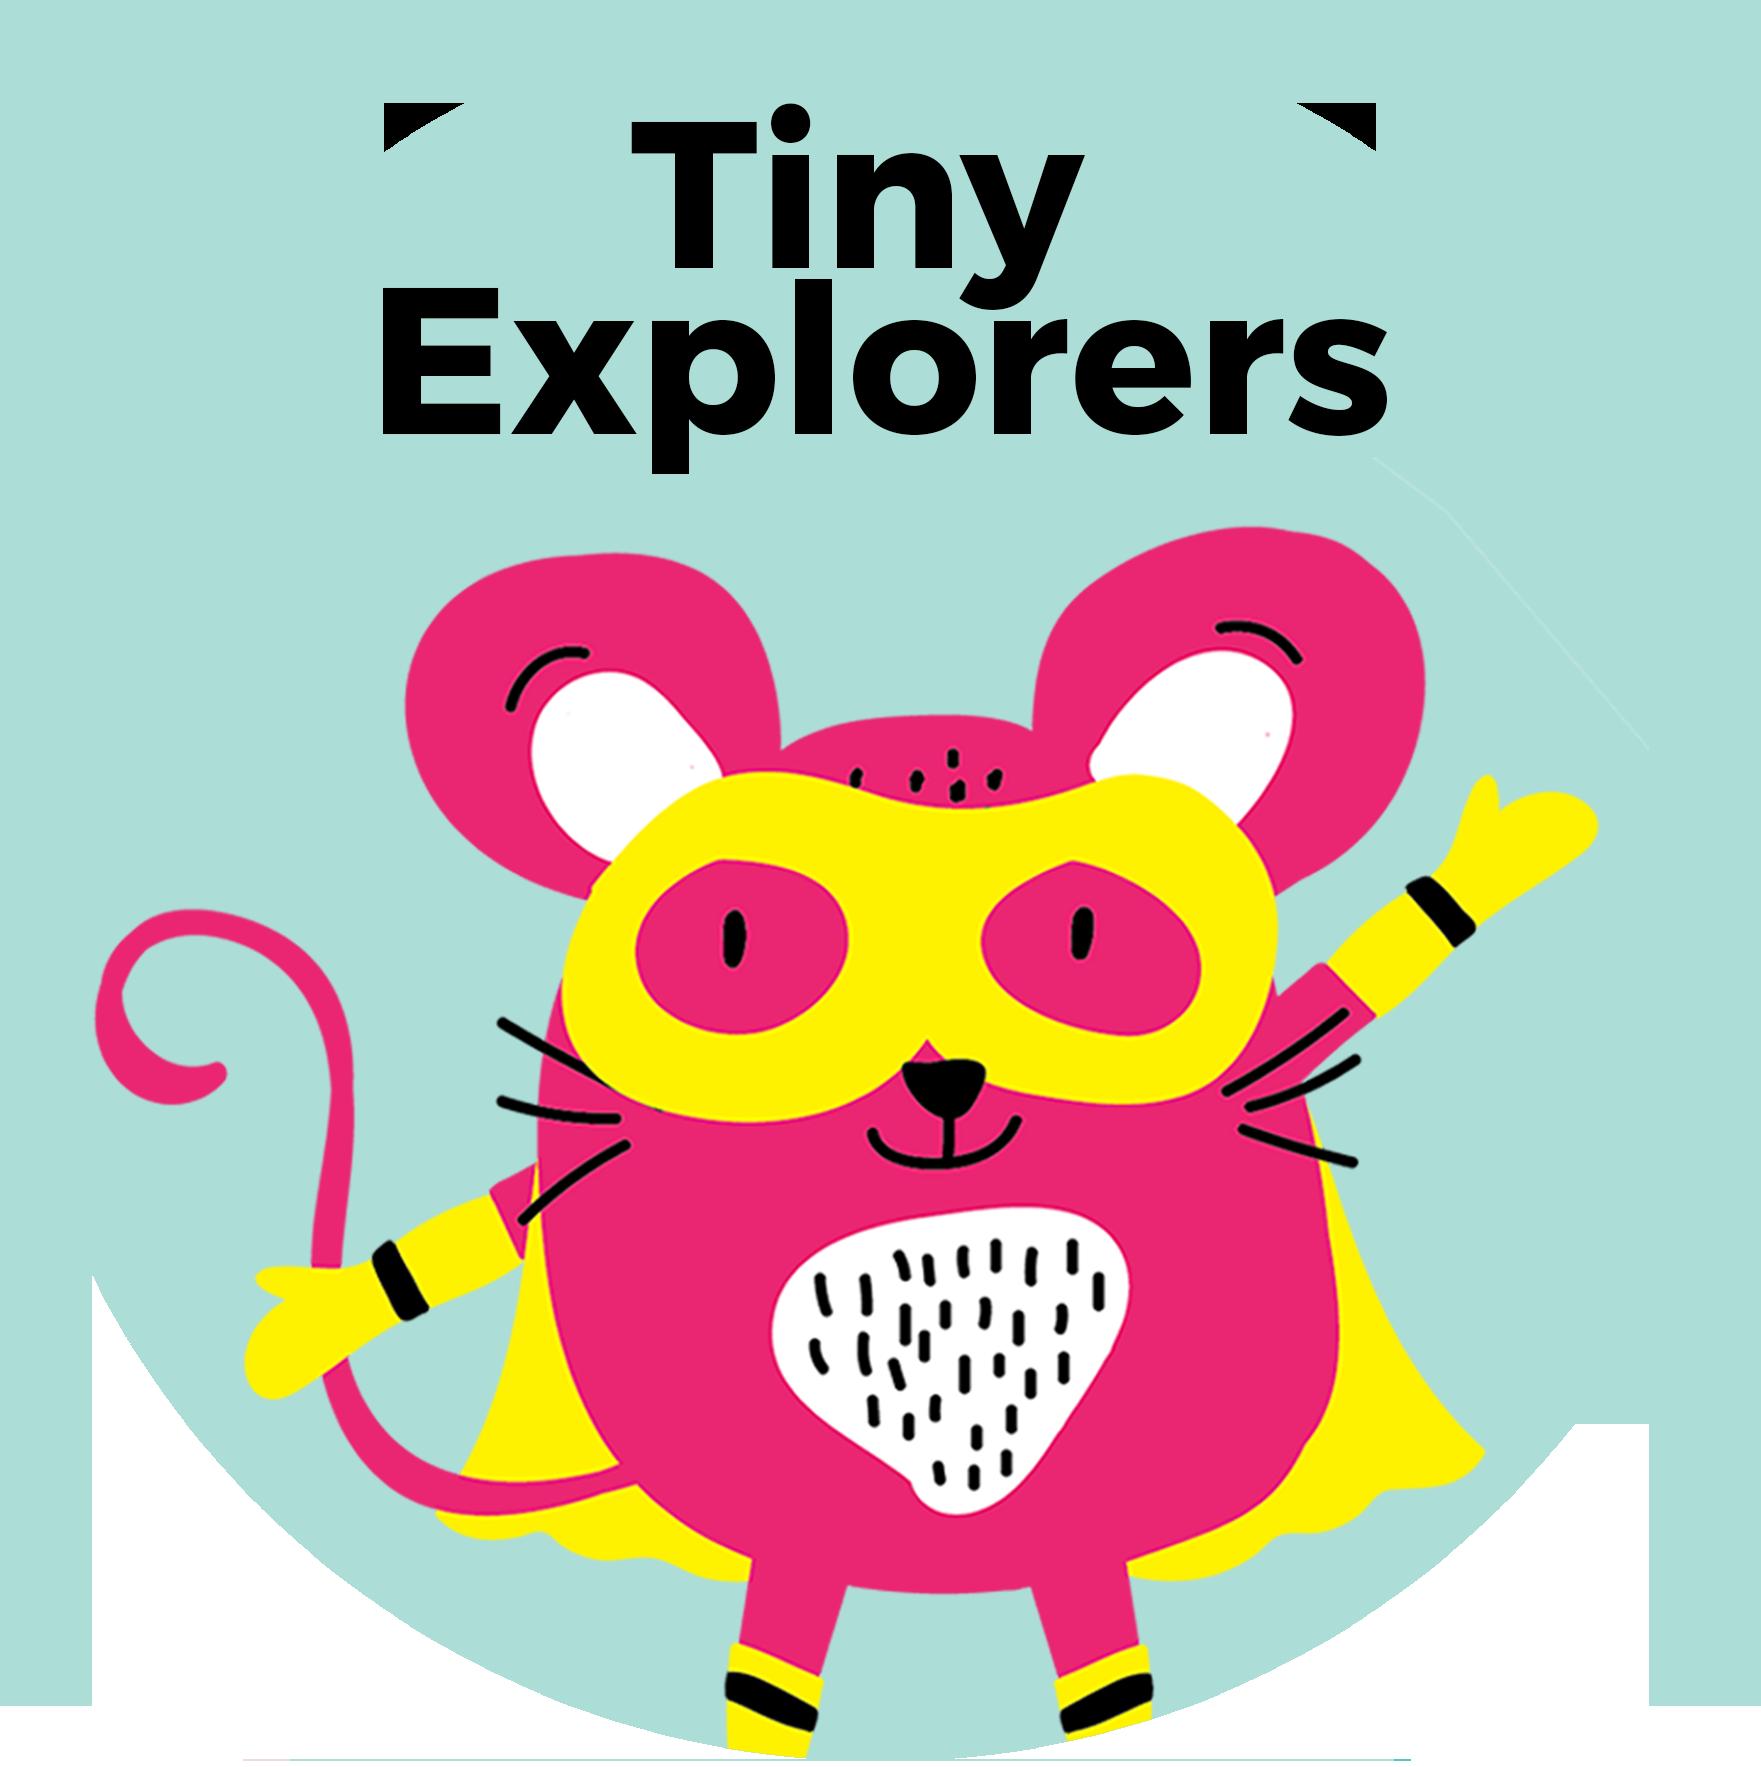 Tiny Explorers (2).png